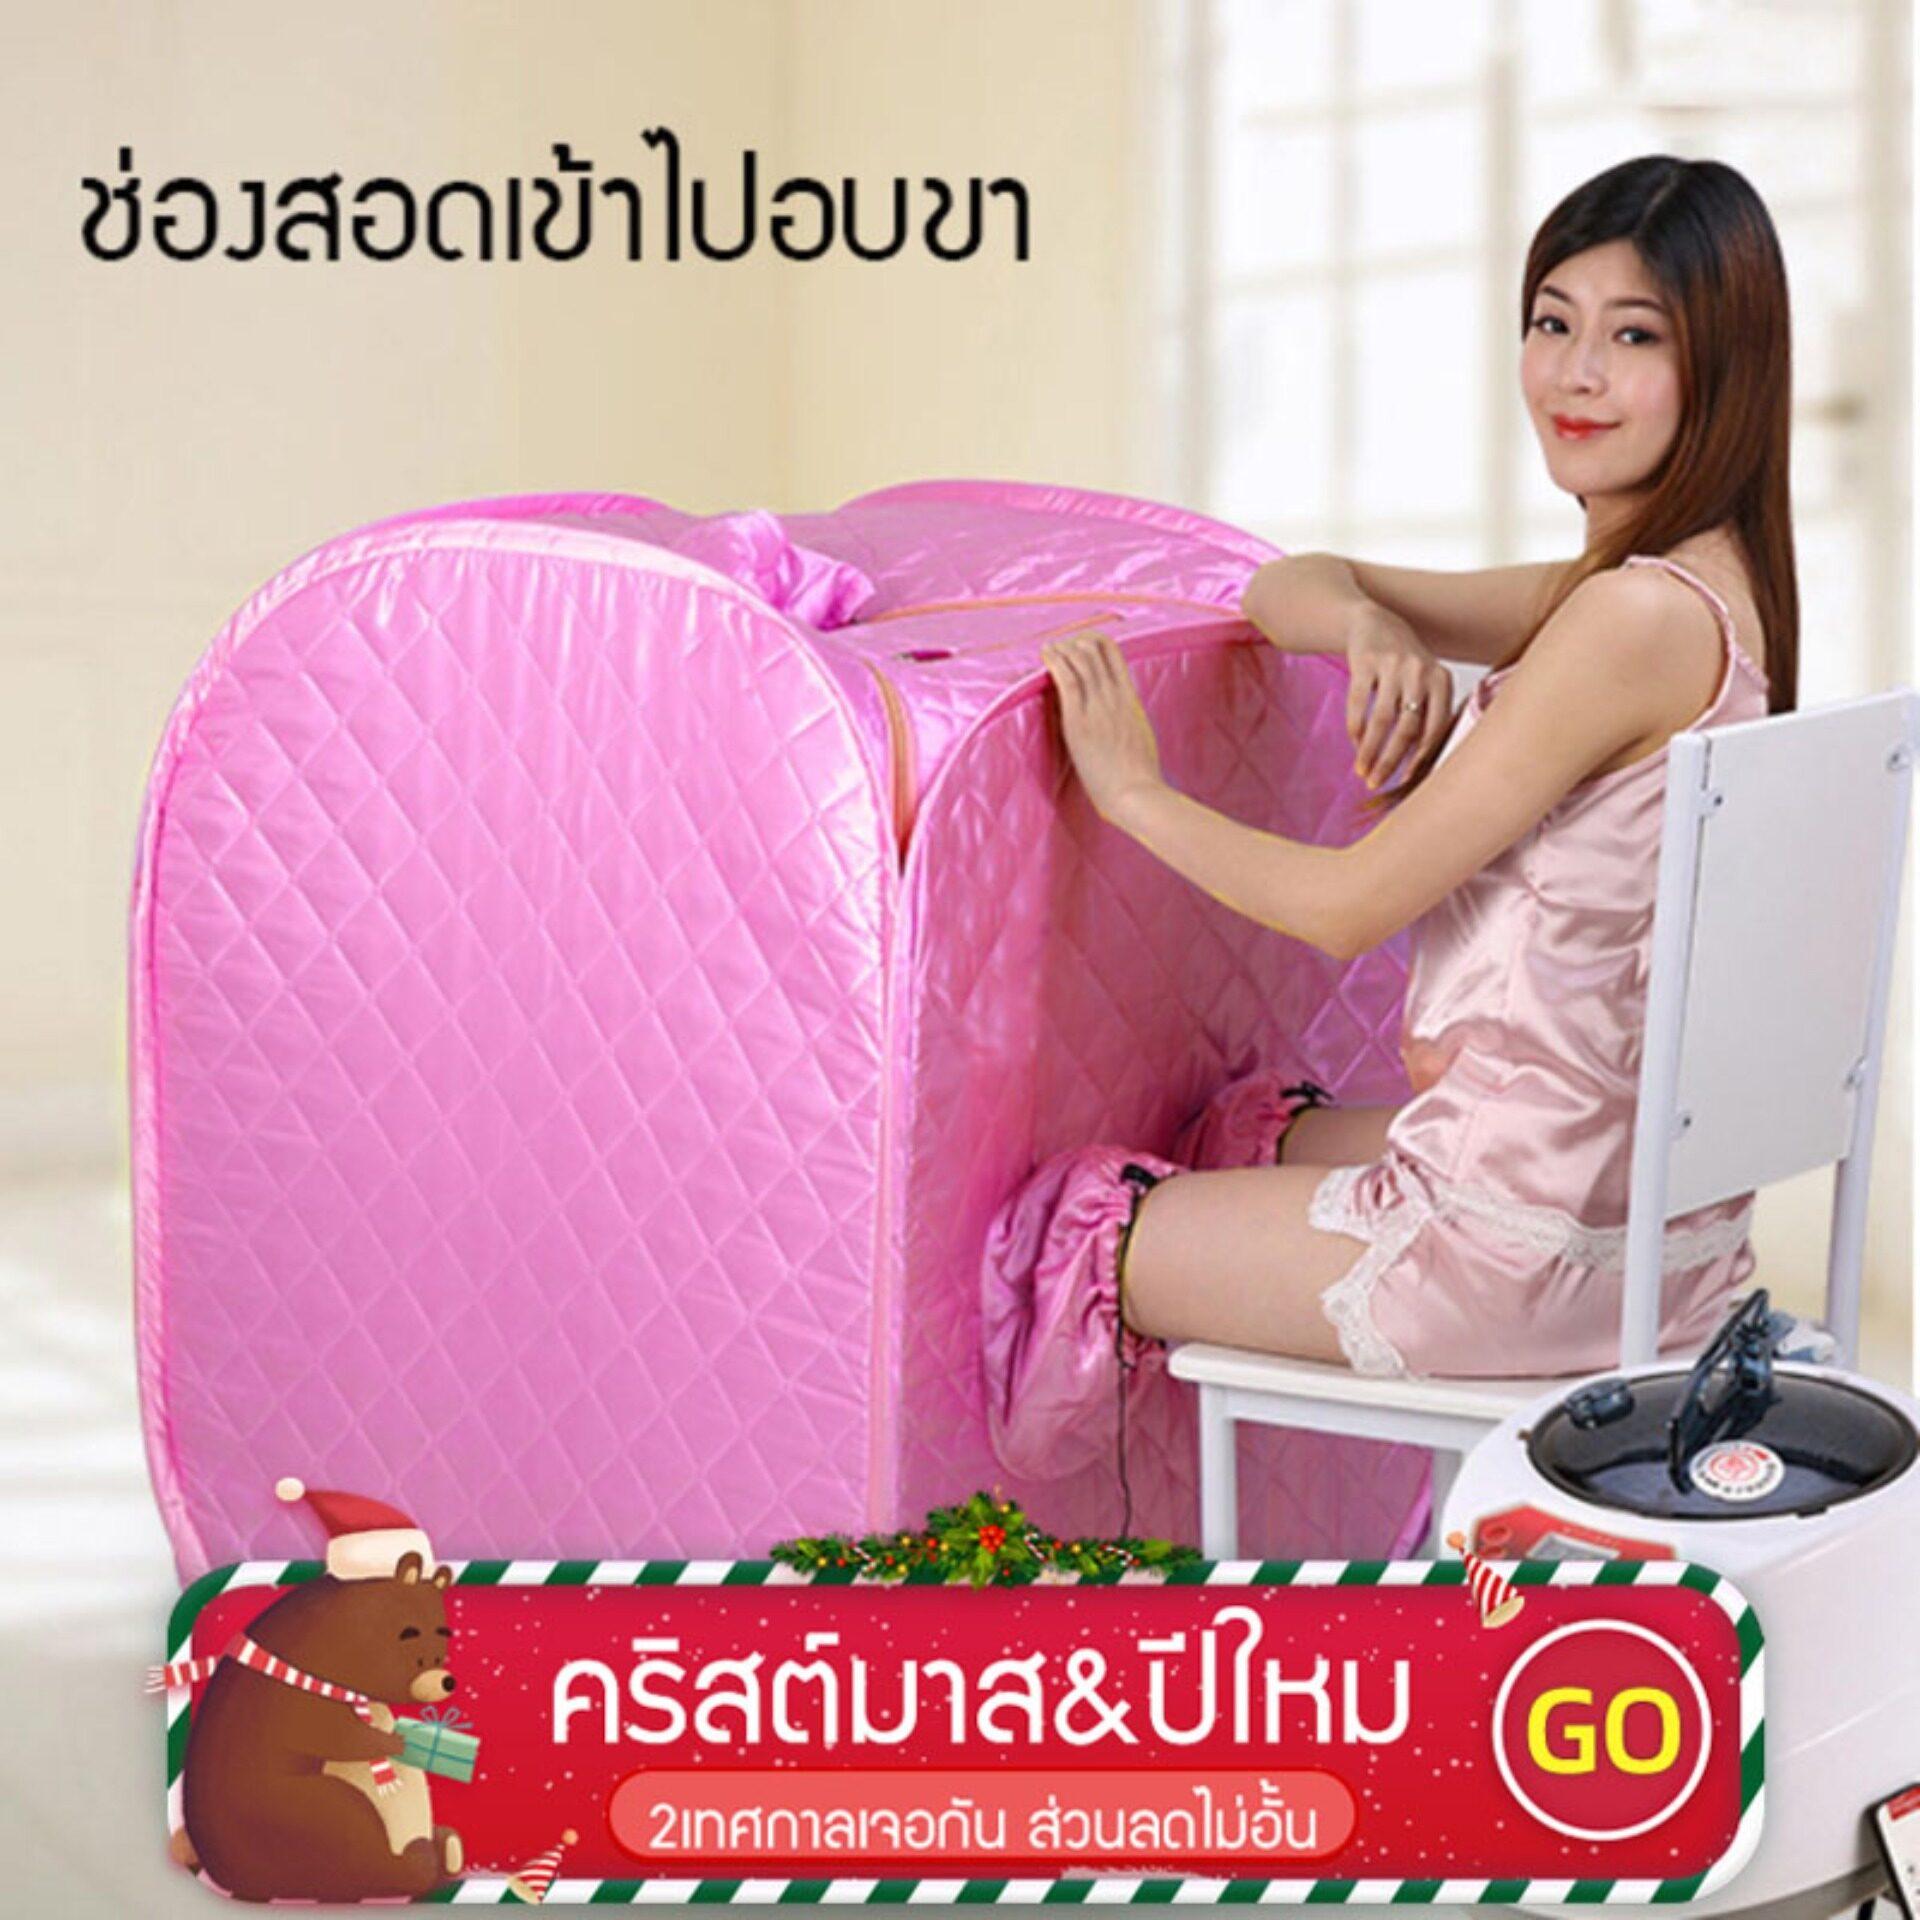 ตู้อบซาวน่าพับเก็บได้ ตู้อบไอน้ำ ตู้อบสมุนไพรไอน้ำ  ตู้อบหลังคลอด ตู้ลดน้ำหนัก ตู้อบสมุนไพร พร้อมของแถมมากมาย สีชมพู ปลอดภัย Fashion Girl Official Store